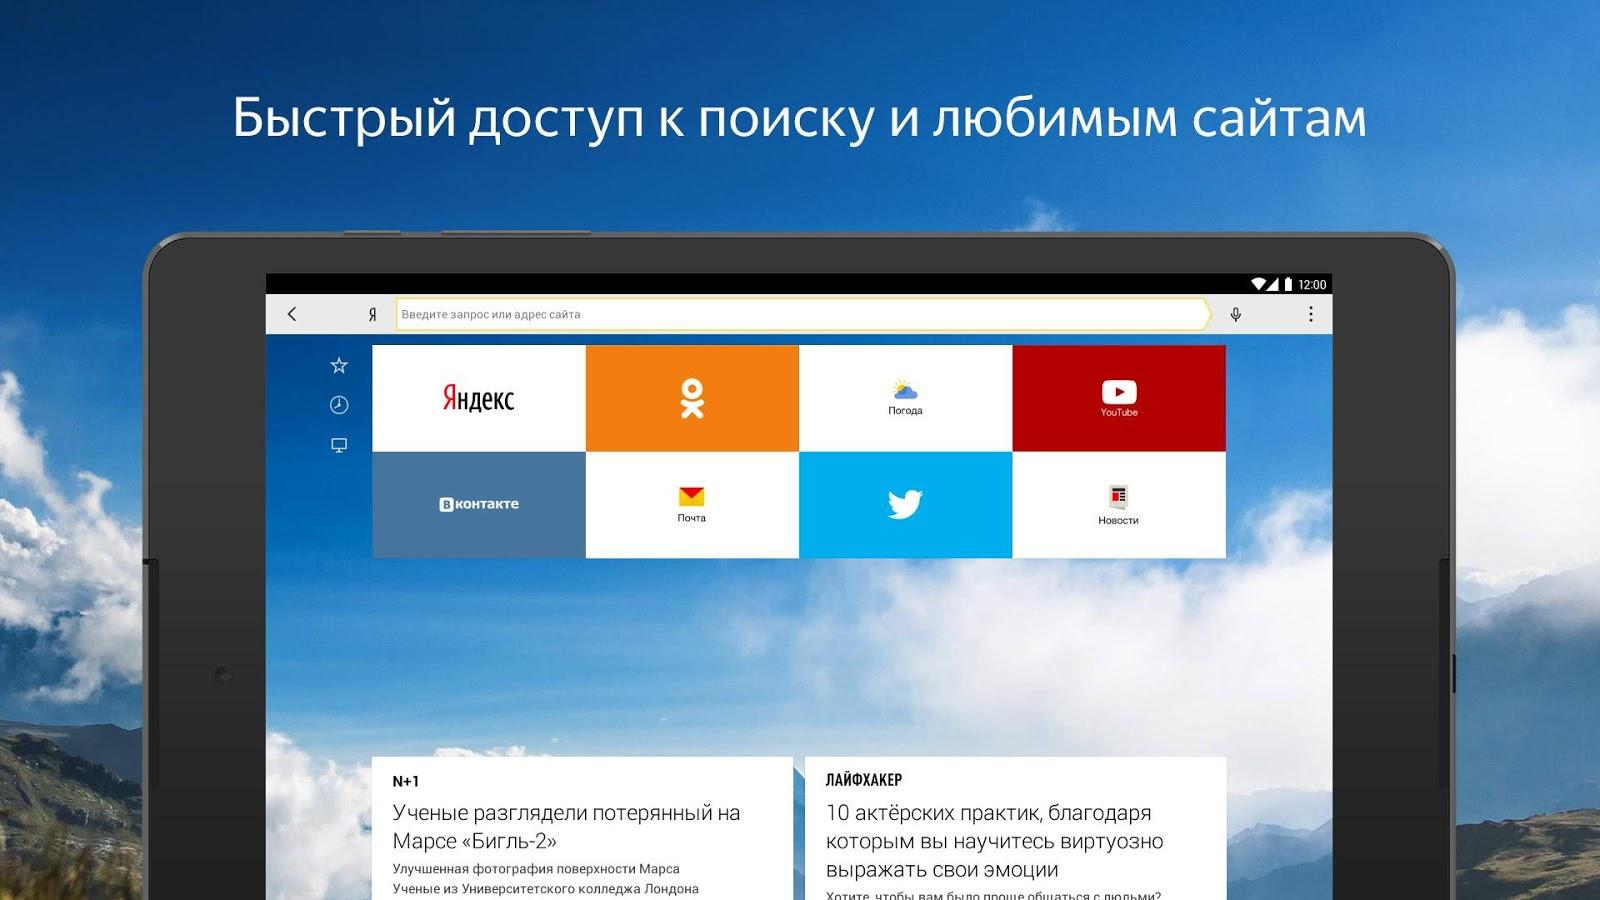 Скачать Яндекс Браузер 19 7 4 97 для Android